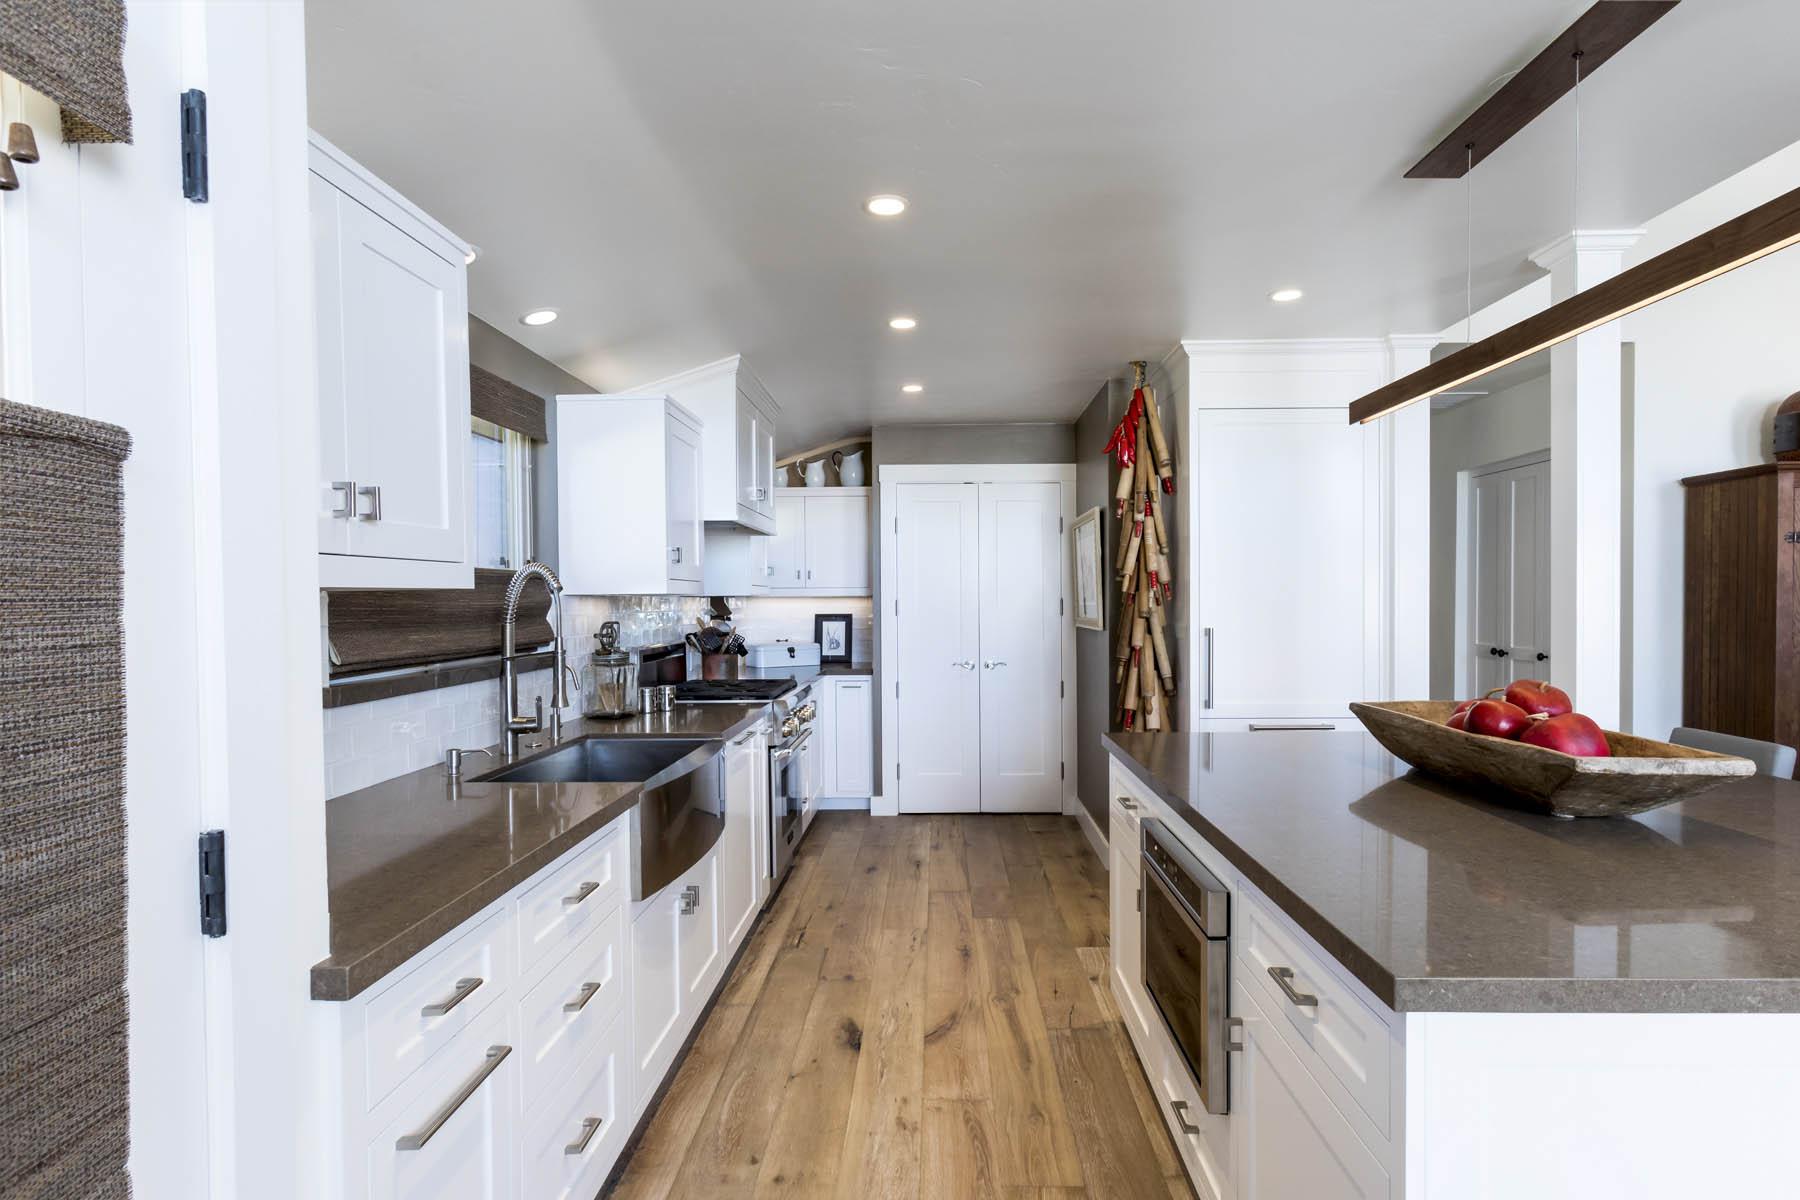 Anderson kitchen